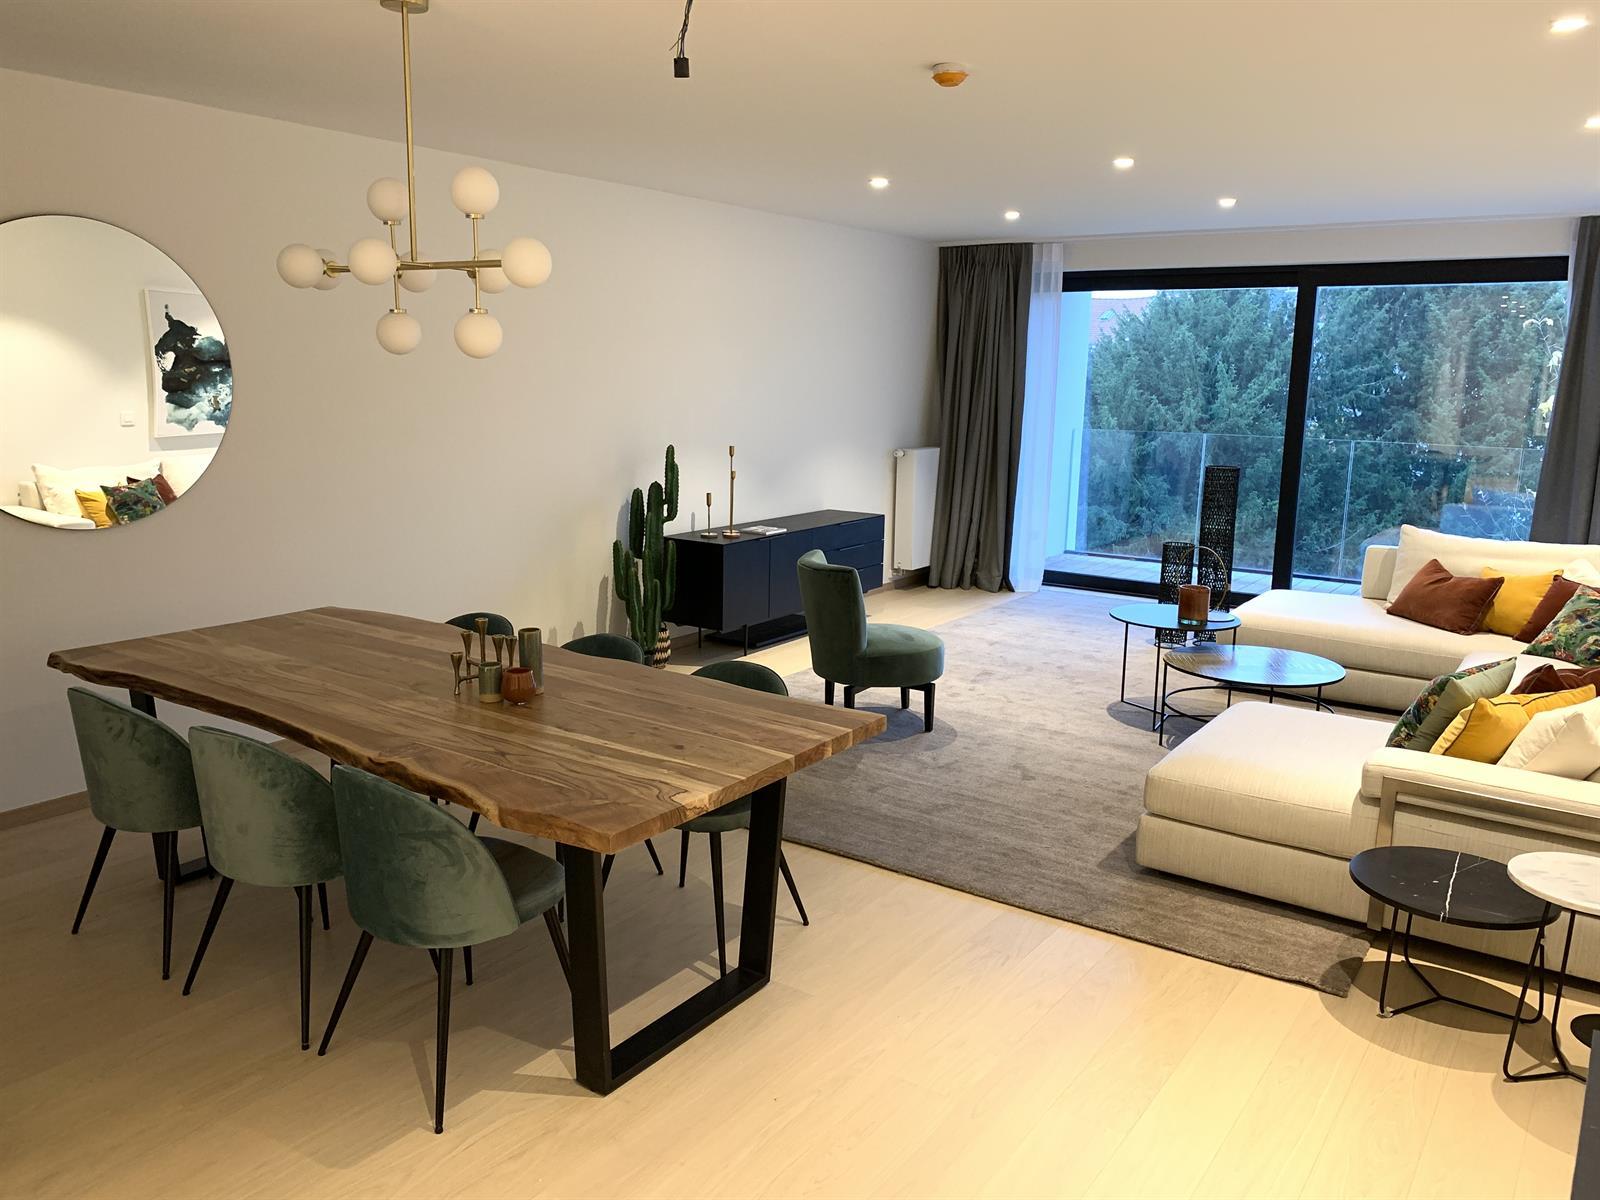 Appartement exceptionnel - Ixelles - #3918748-3